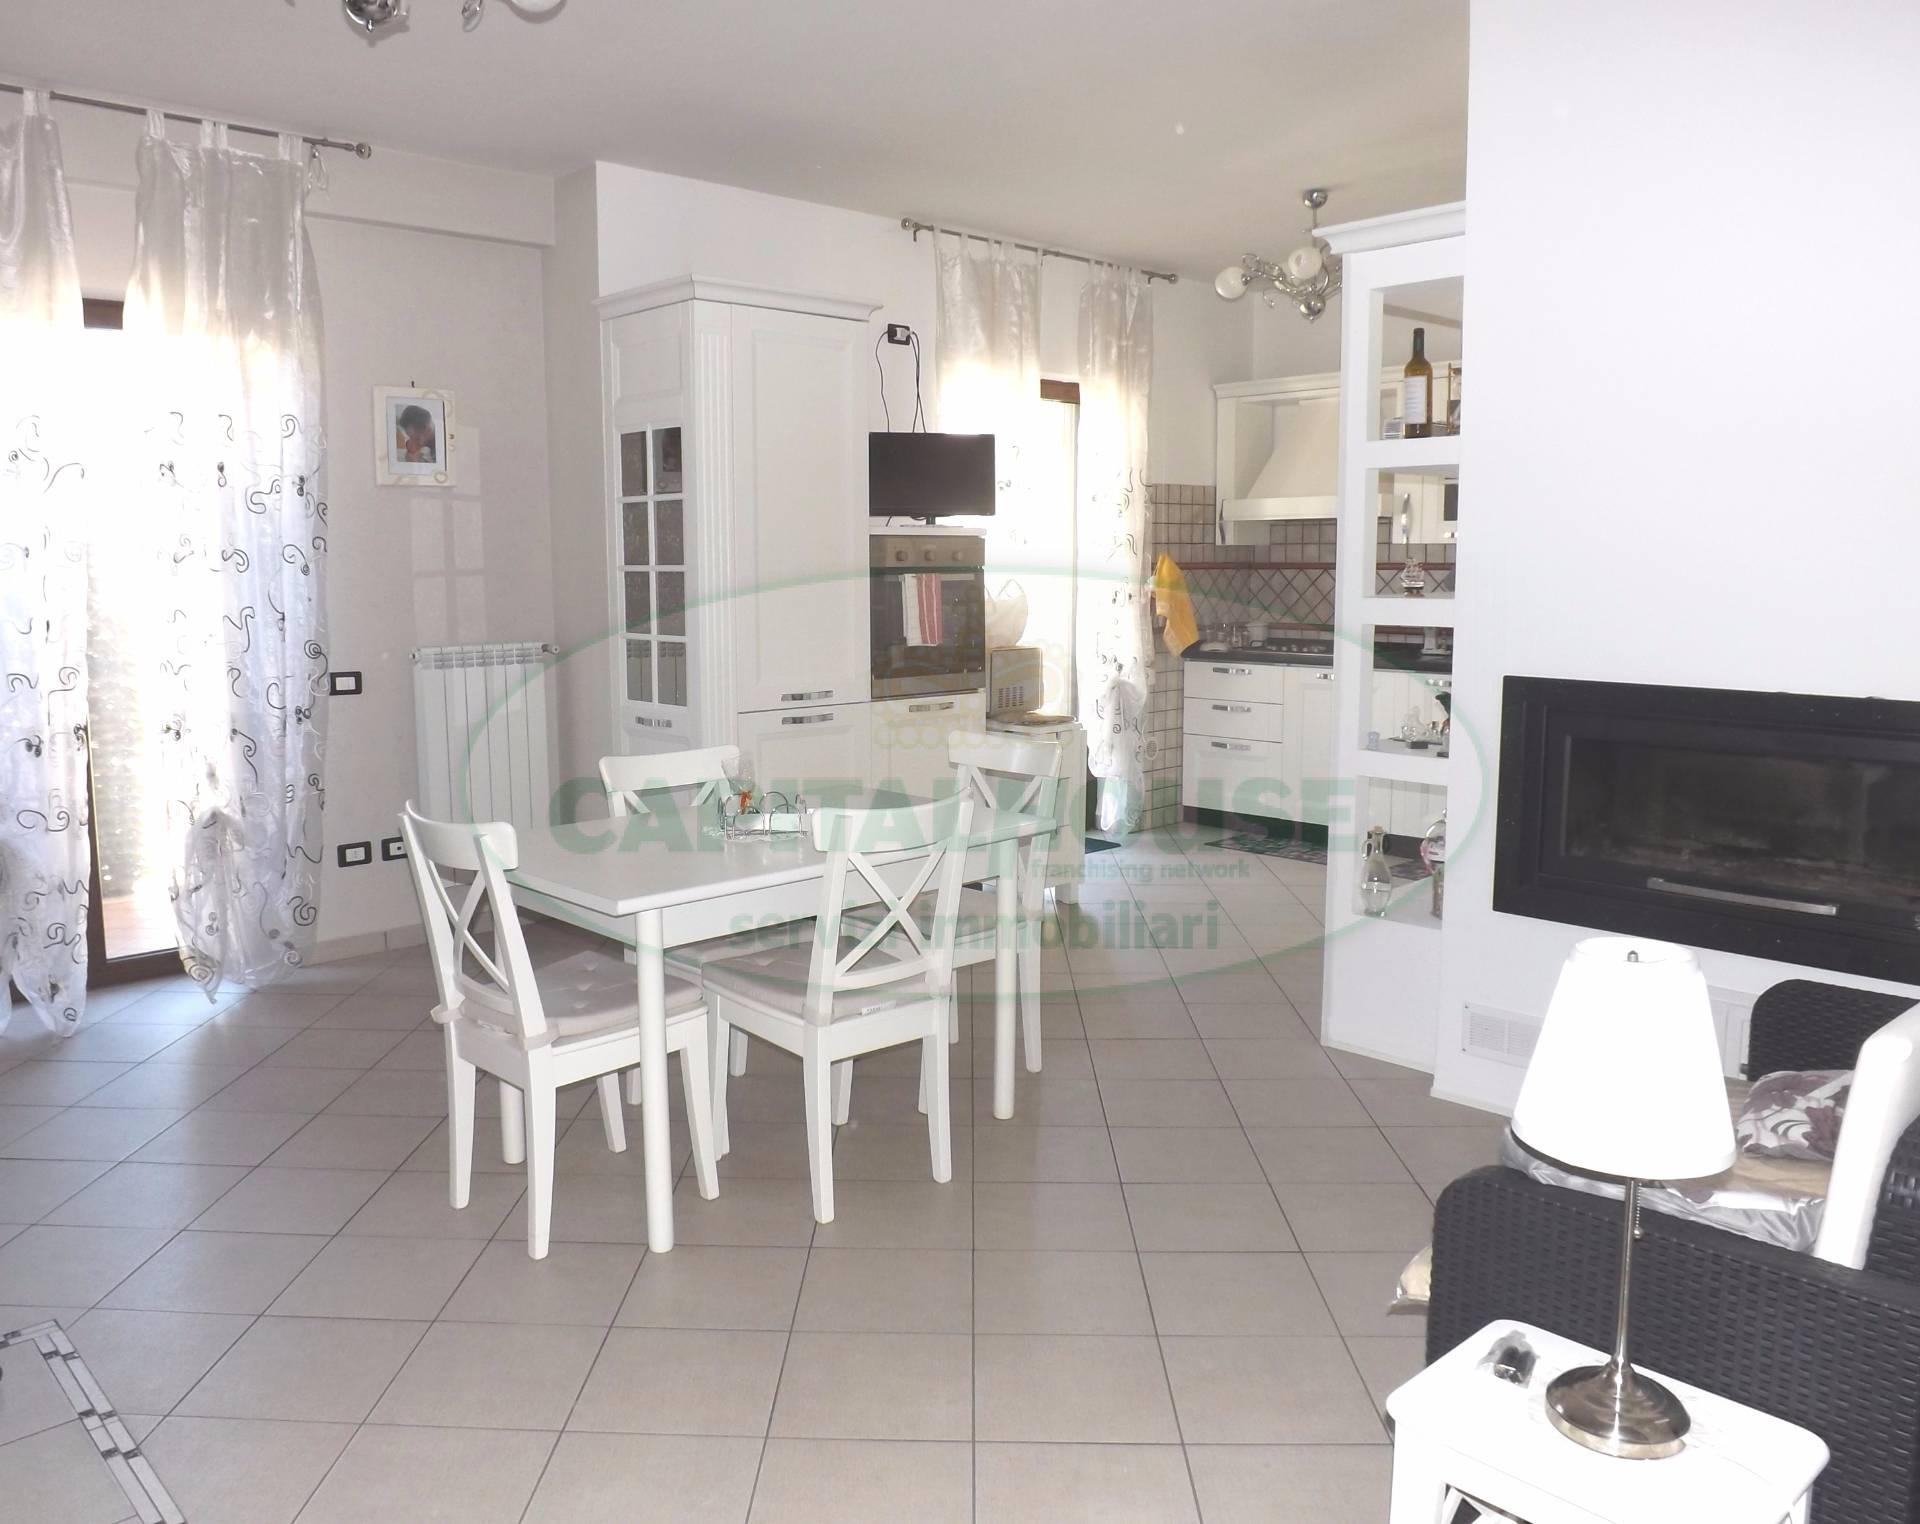 Appartamento in vendita a Pratola Serra, 4 locali, prezzo € 150.000 | Cambio Casa.it